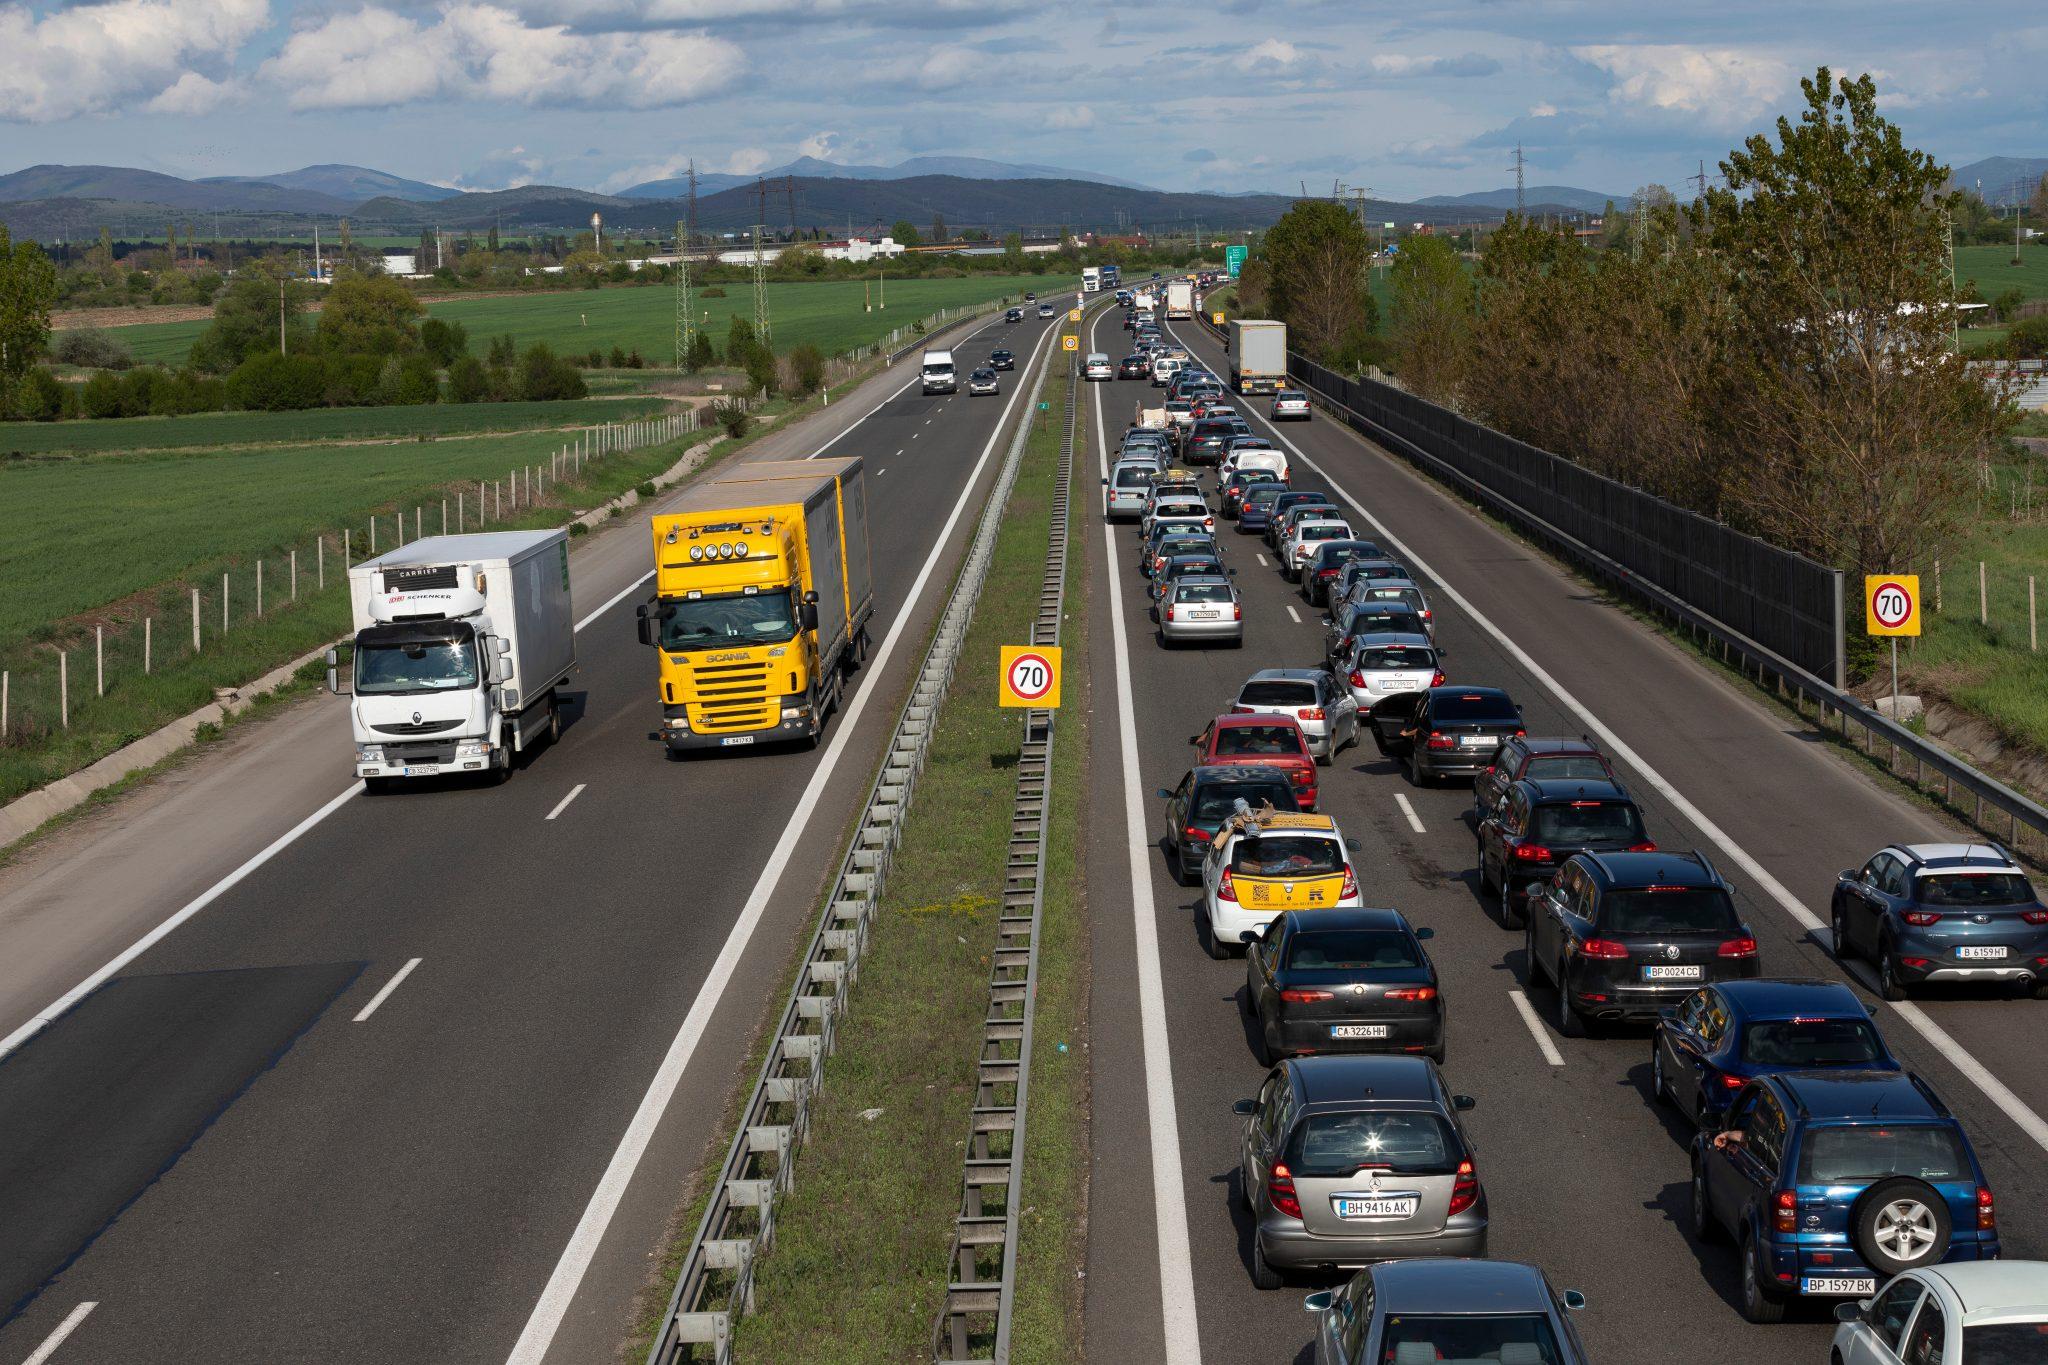 Trafikulykke på motorvej skaber kø